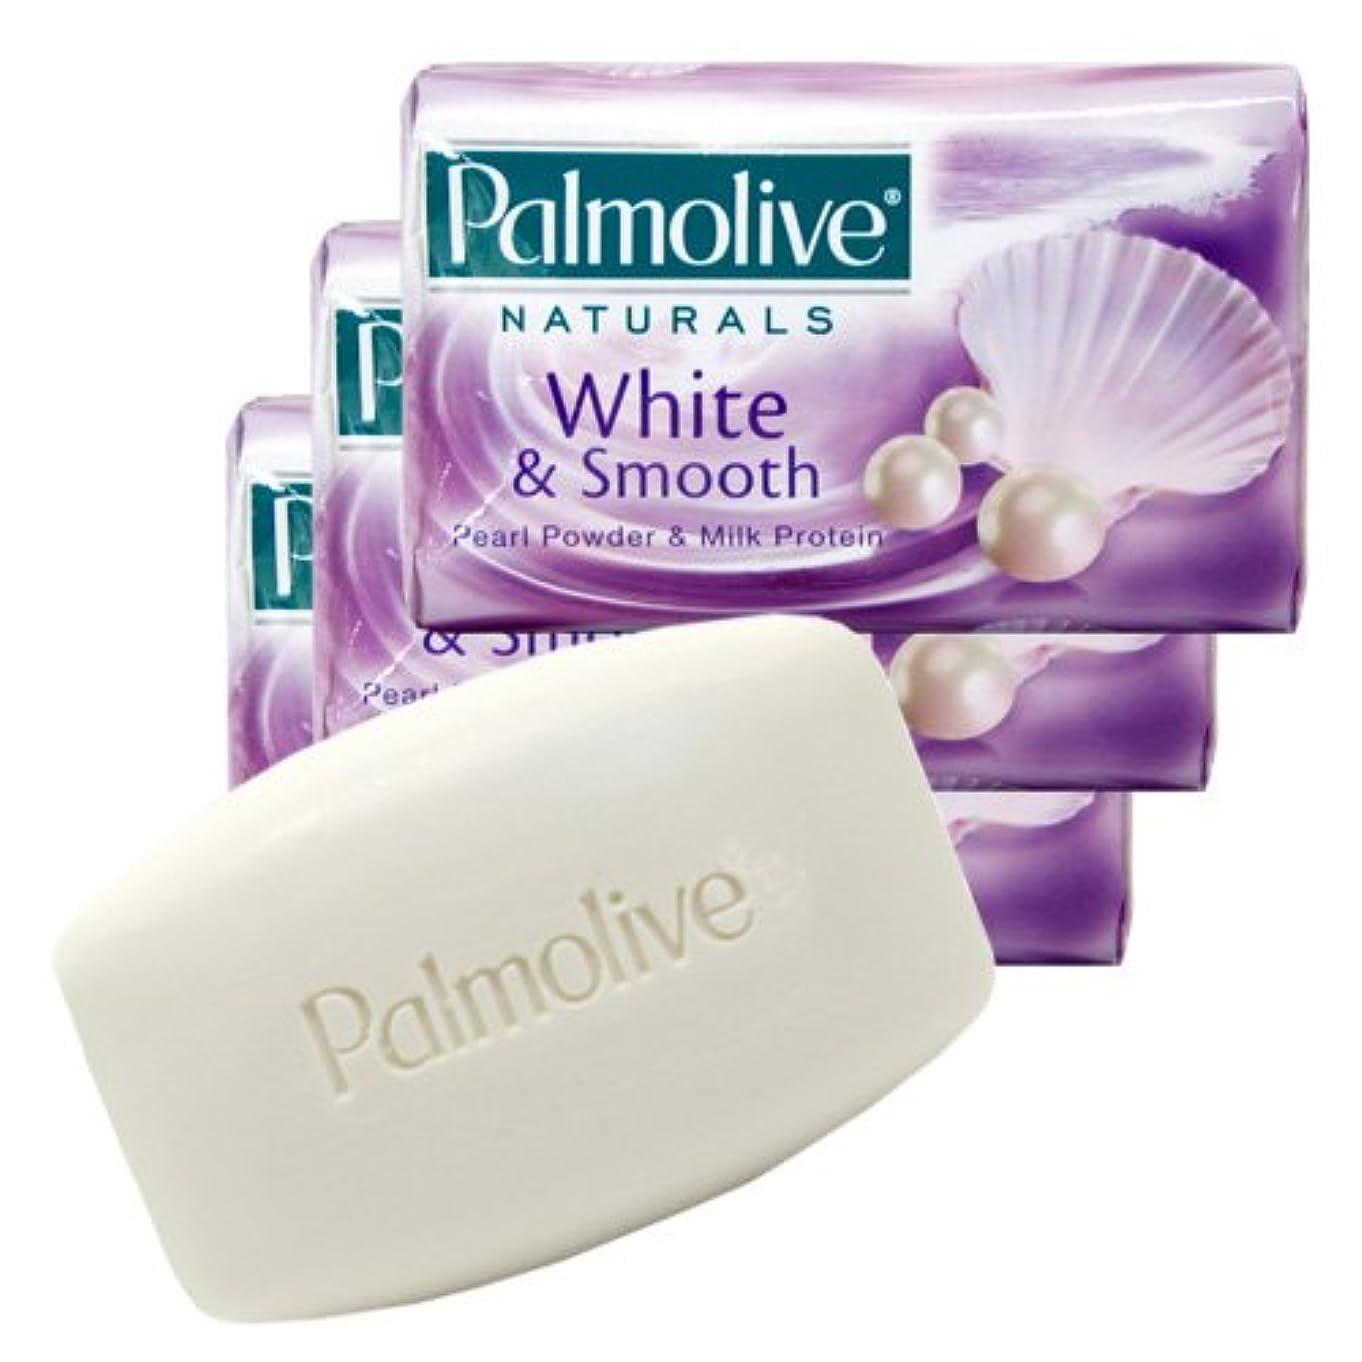 断言する宝石に応じて【Palmolive】パルモリーブ ナチュラルズ石鹸3個パック ホワイト&スムース(パールパウダー&ミルクプロテイン)80g×3